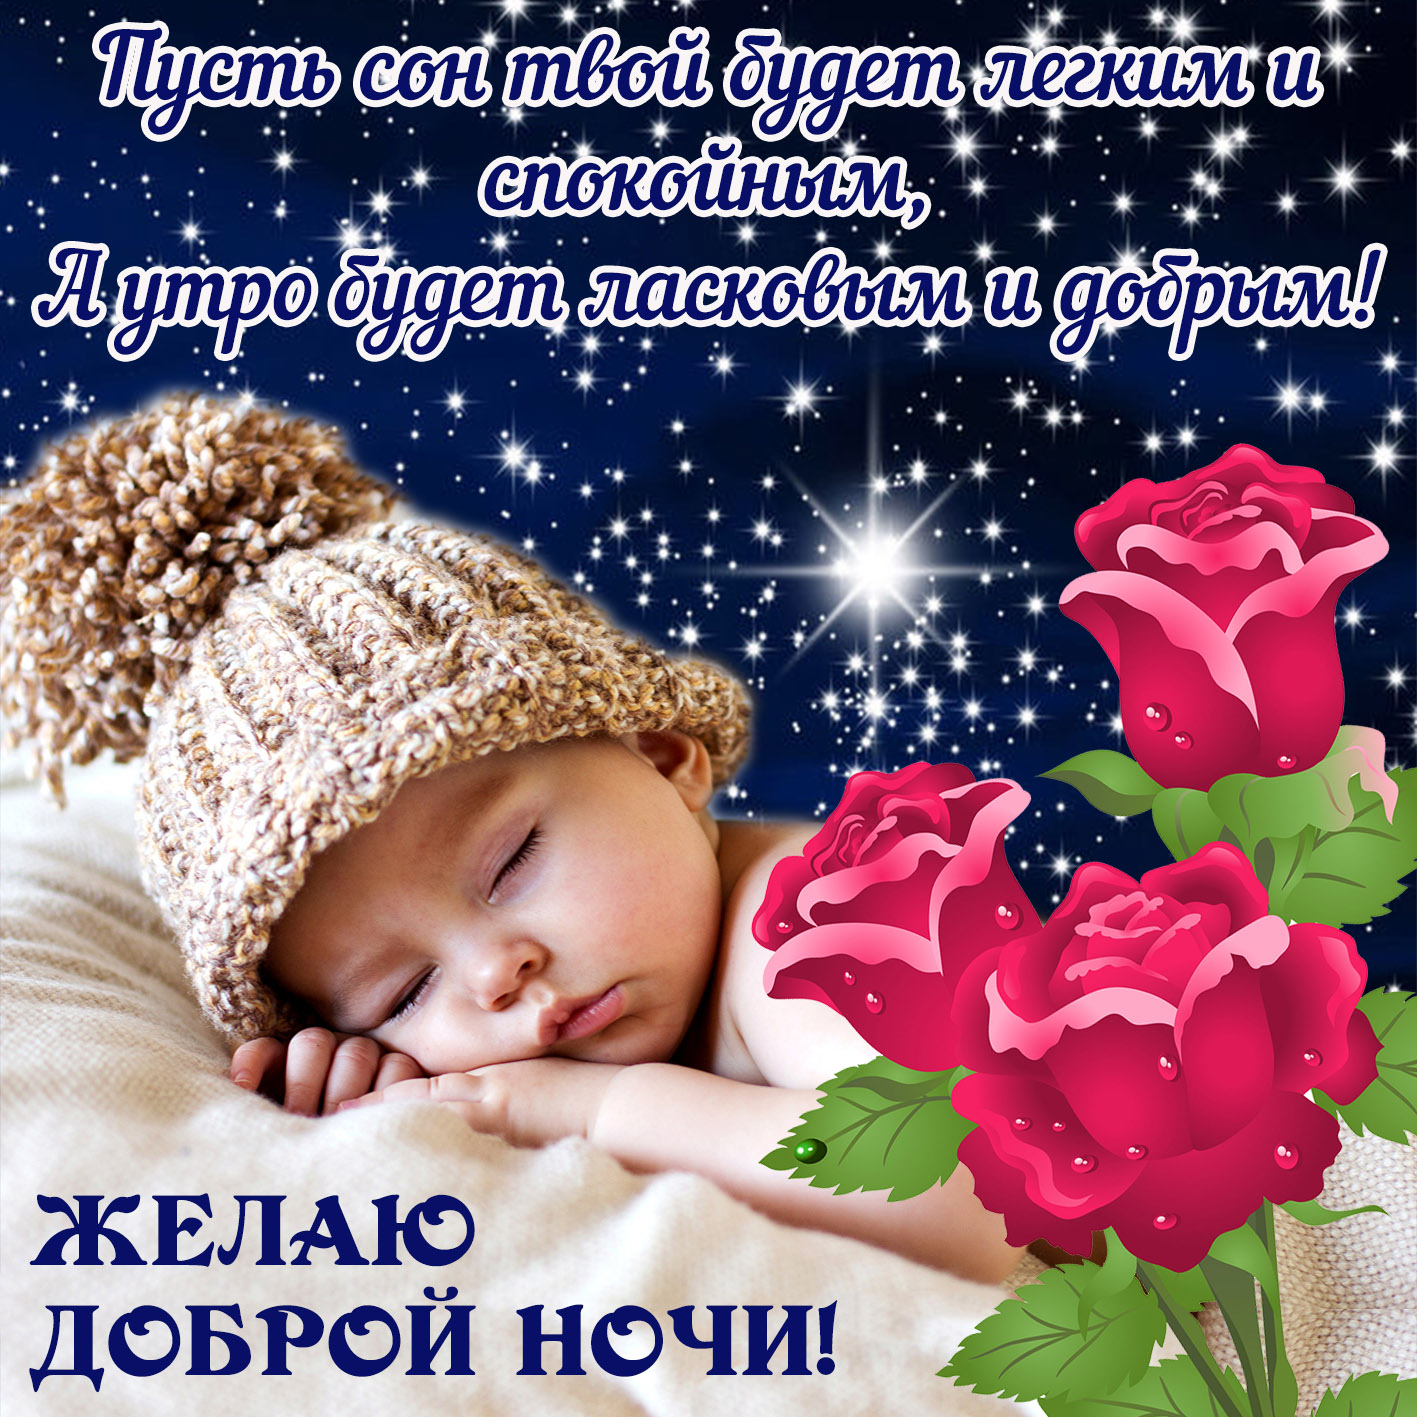 Картинки с пожеланиями спокойной ночи для друга